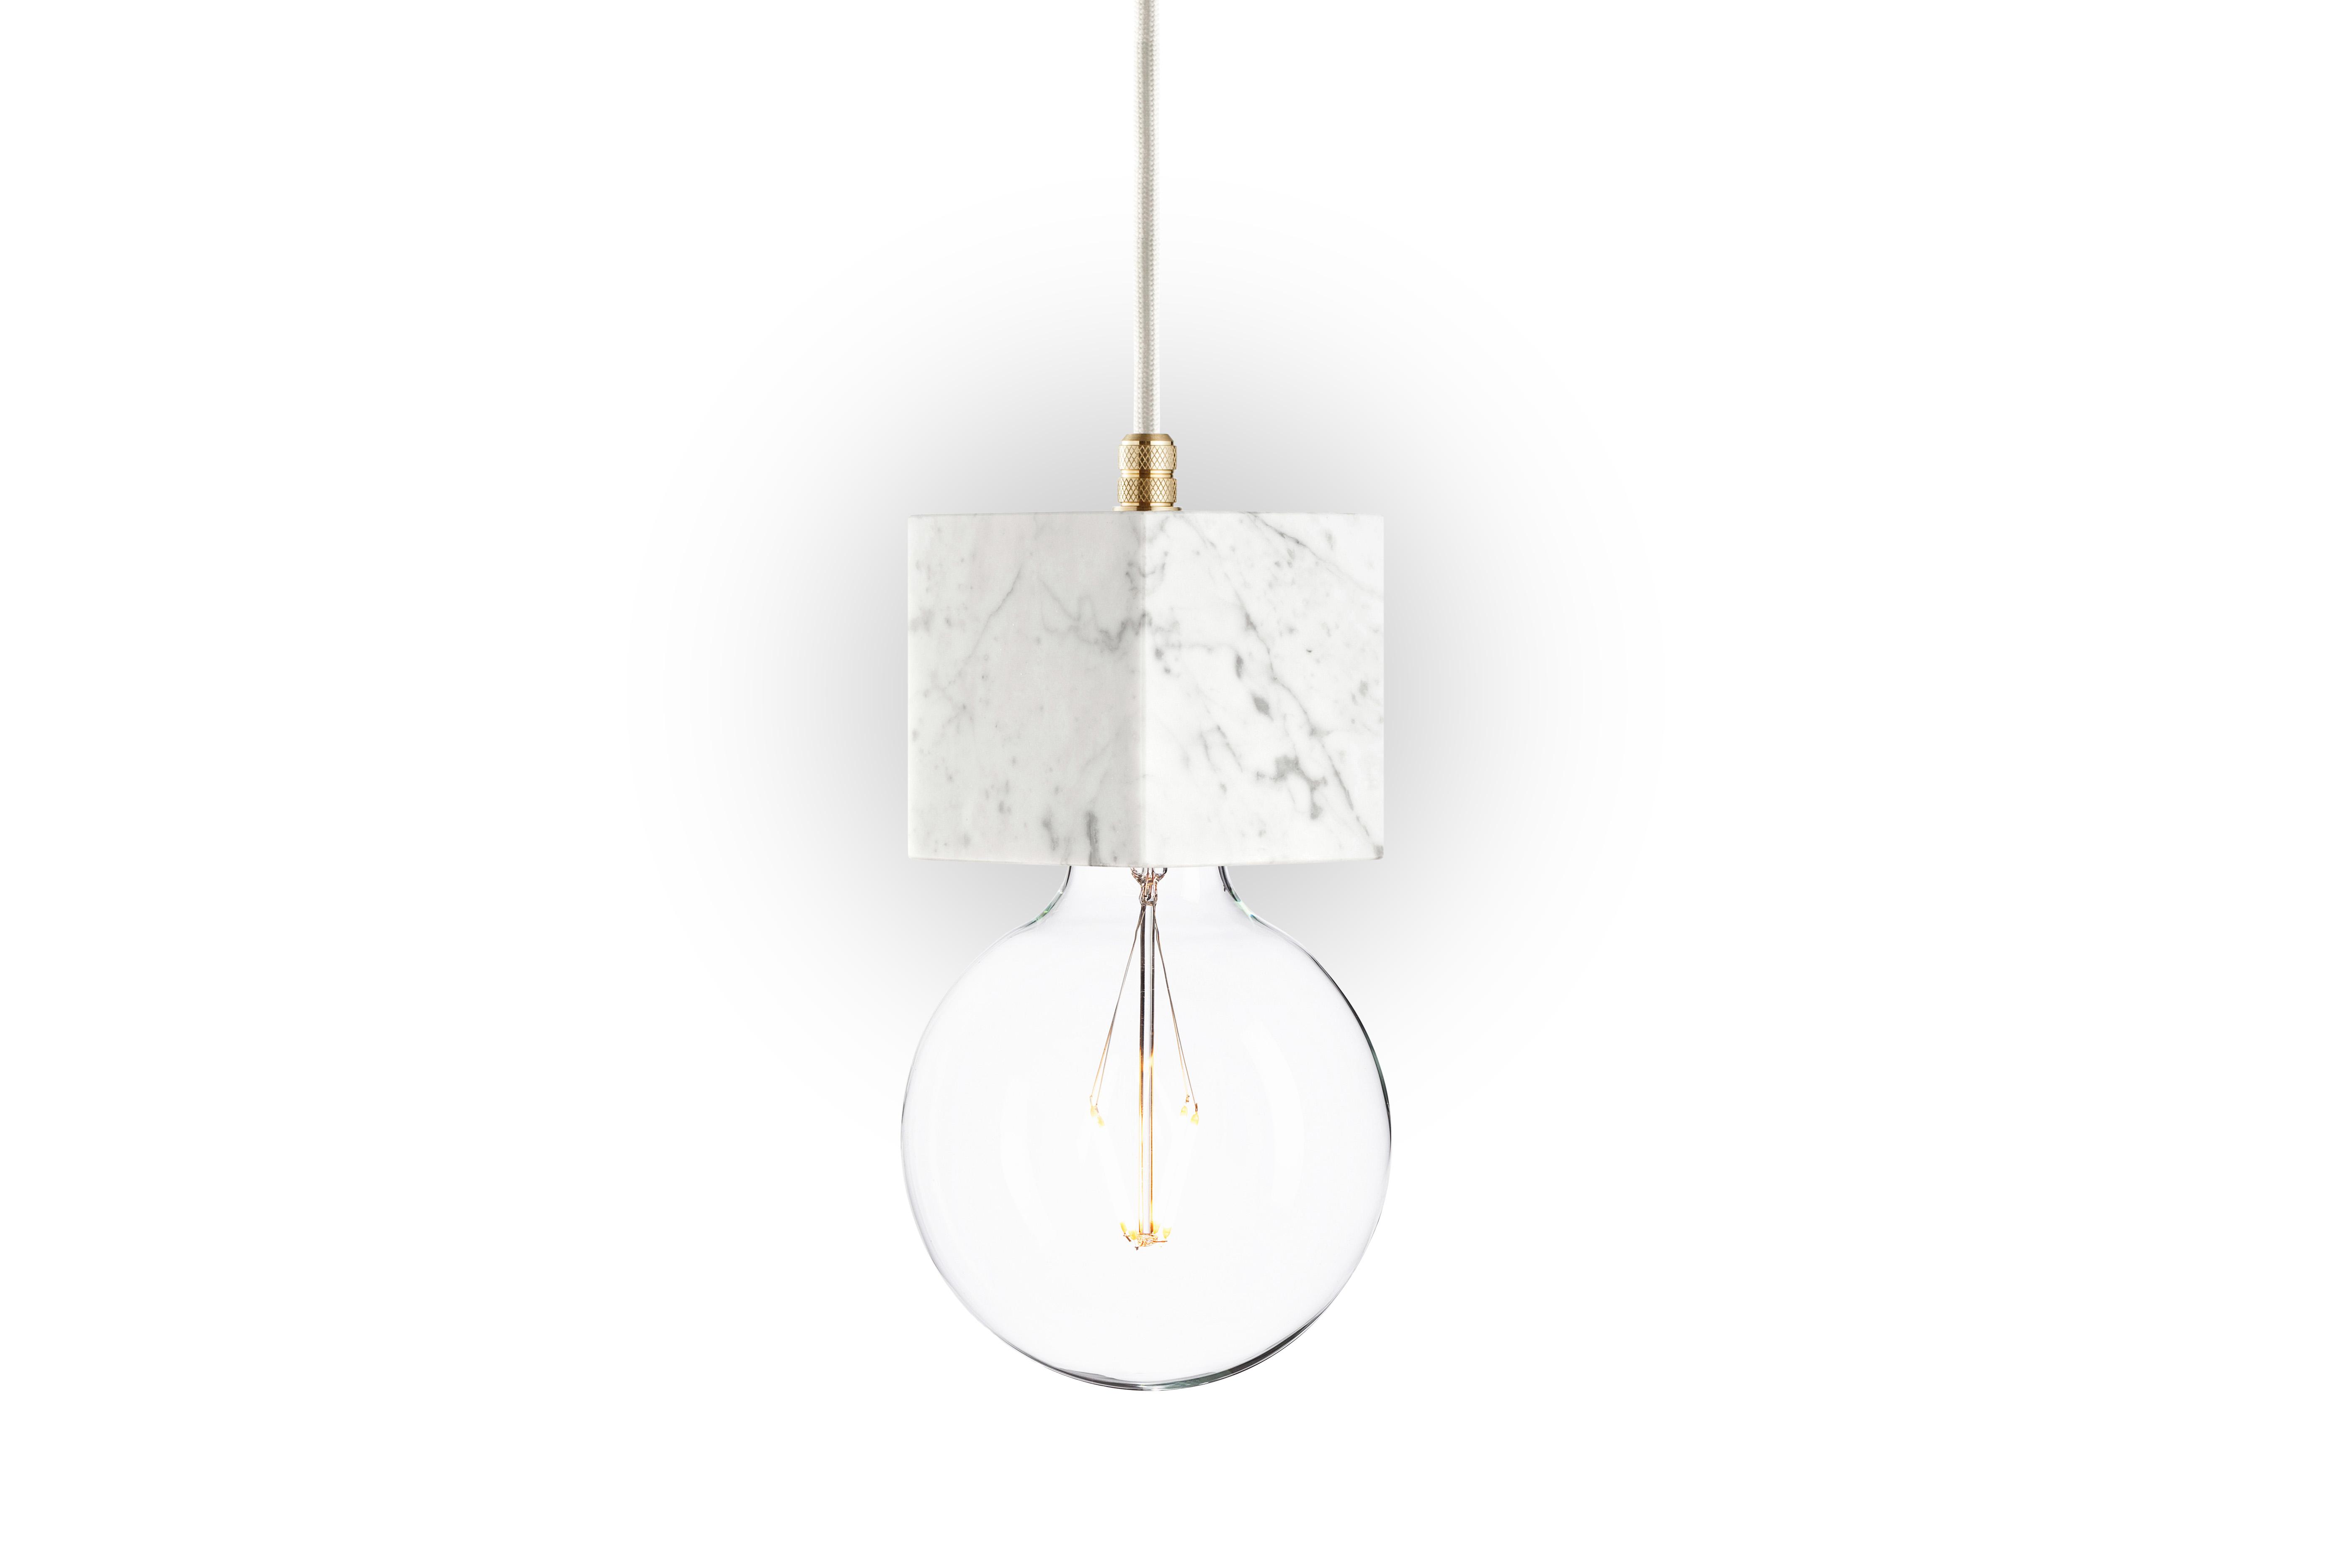 Подвесной светильник Marmor VeldiПодвесные светильники<br>Белый цвет ? утонченность в ее чистом виде. Белый мрамор&amp;amp;nbsp;?&amp;amp;nbsp;утонченность, возведенная в квадрат. Великолепный натуральный материал дарит облику подвесного светильника&amp;amp;nbsp;&amp;quot;Marmor Veldi&amp;quot; элегантность. В комбинации со строгим силуэтом конструкции он выглядит роскошно и строго одновременно. Такой дизайн делает светильник идеально подходящим для интерьеров в стиле лофт.&amp;lt;div&amp;gt;&amp;lt;br&amp;gt;&amp;lt;/div&amp;gt;&amp;lt;div&amp;gt;Лампочка приобретается отдельно. Цоколь Е27, максимальная мощность лампочки - 60W, длина шнура - 3 м. &amp;amp;nbsp;&amp;amp;nbsp;&amp;lt;/div&amp;gt;&amp;lt;div&amp;gt;Материал: корпус - мрамор Bianco Carrara, фурнитура - латунь, сталь, патрон - пластик, кабель в оплетке. &amp;amp;nbsp;<br>Под заказ. Срок изготовления 3 недели.&amp;amp;nbsp;&amp;lt;/div&amp;gt;<br><br>Material: Мрамор<br>Height см: 10,8<br>Diameter см: 8,8